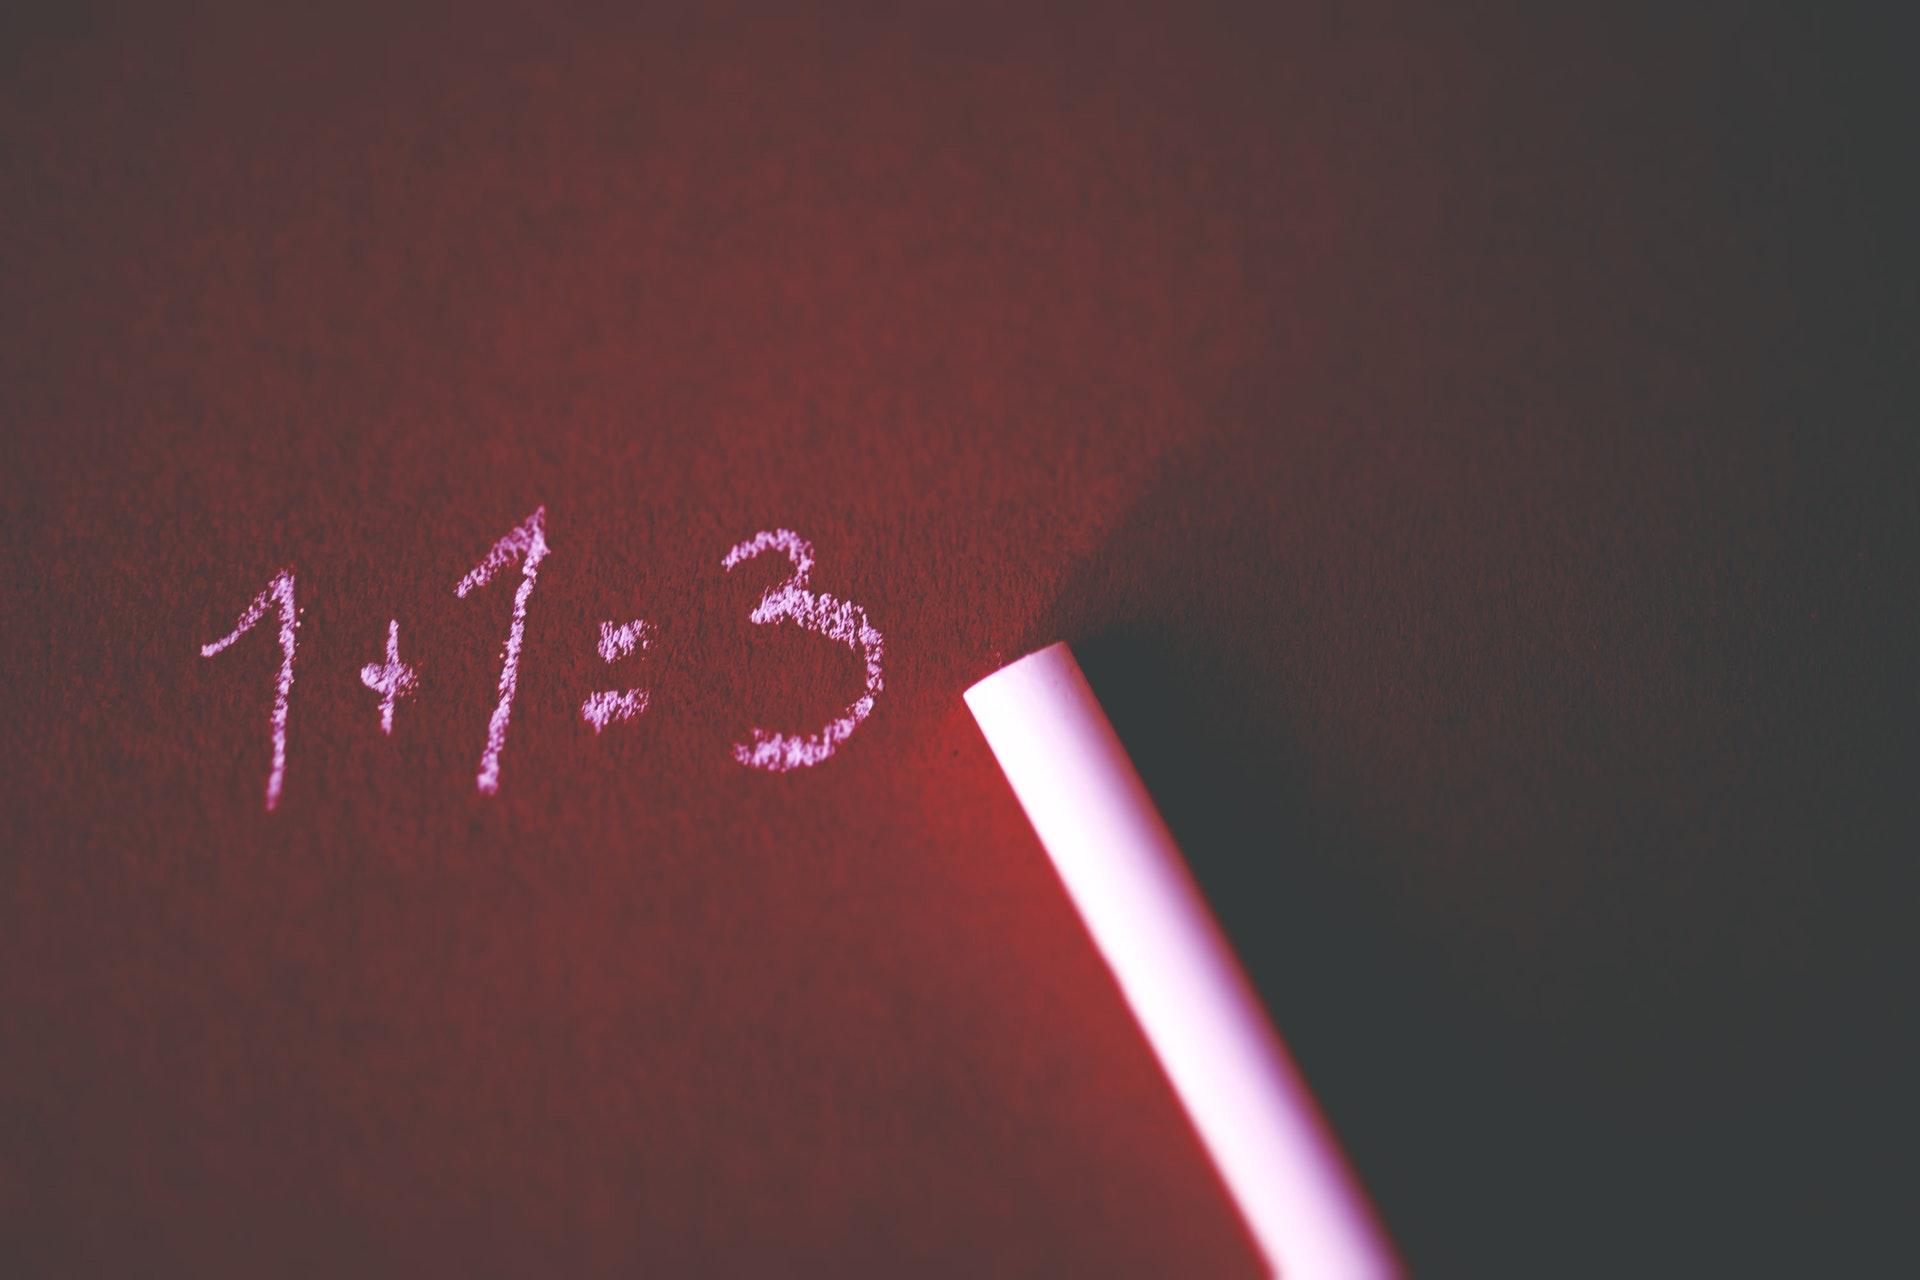 pexels-photo-374916